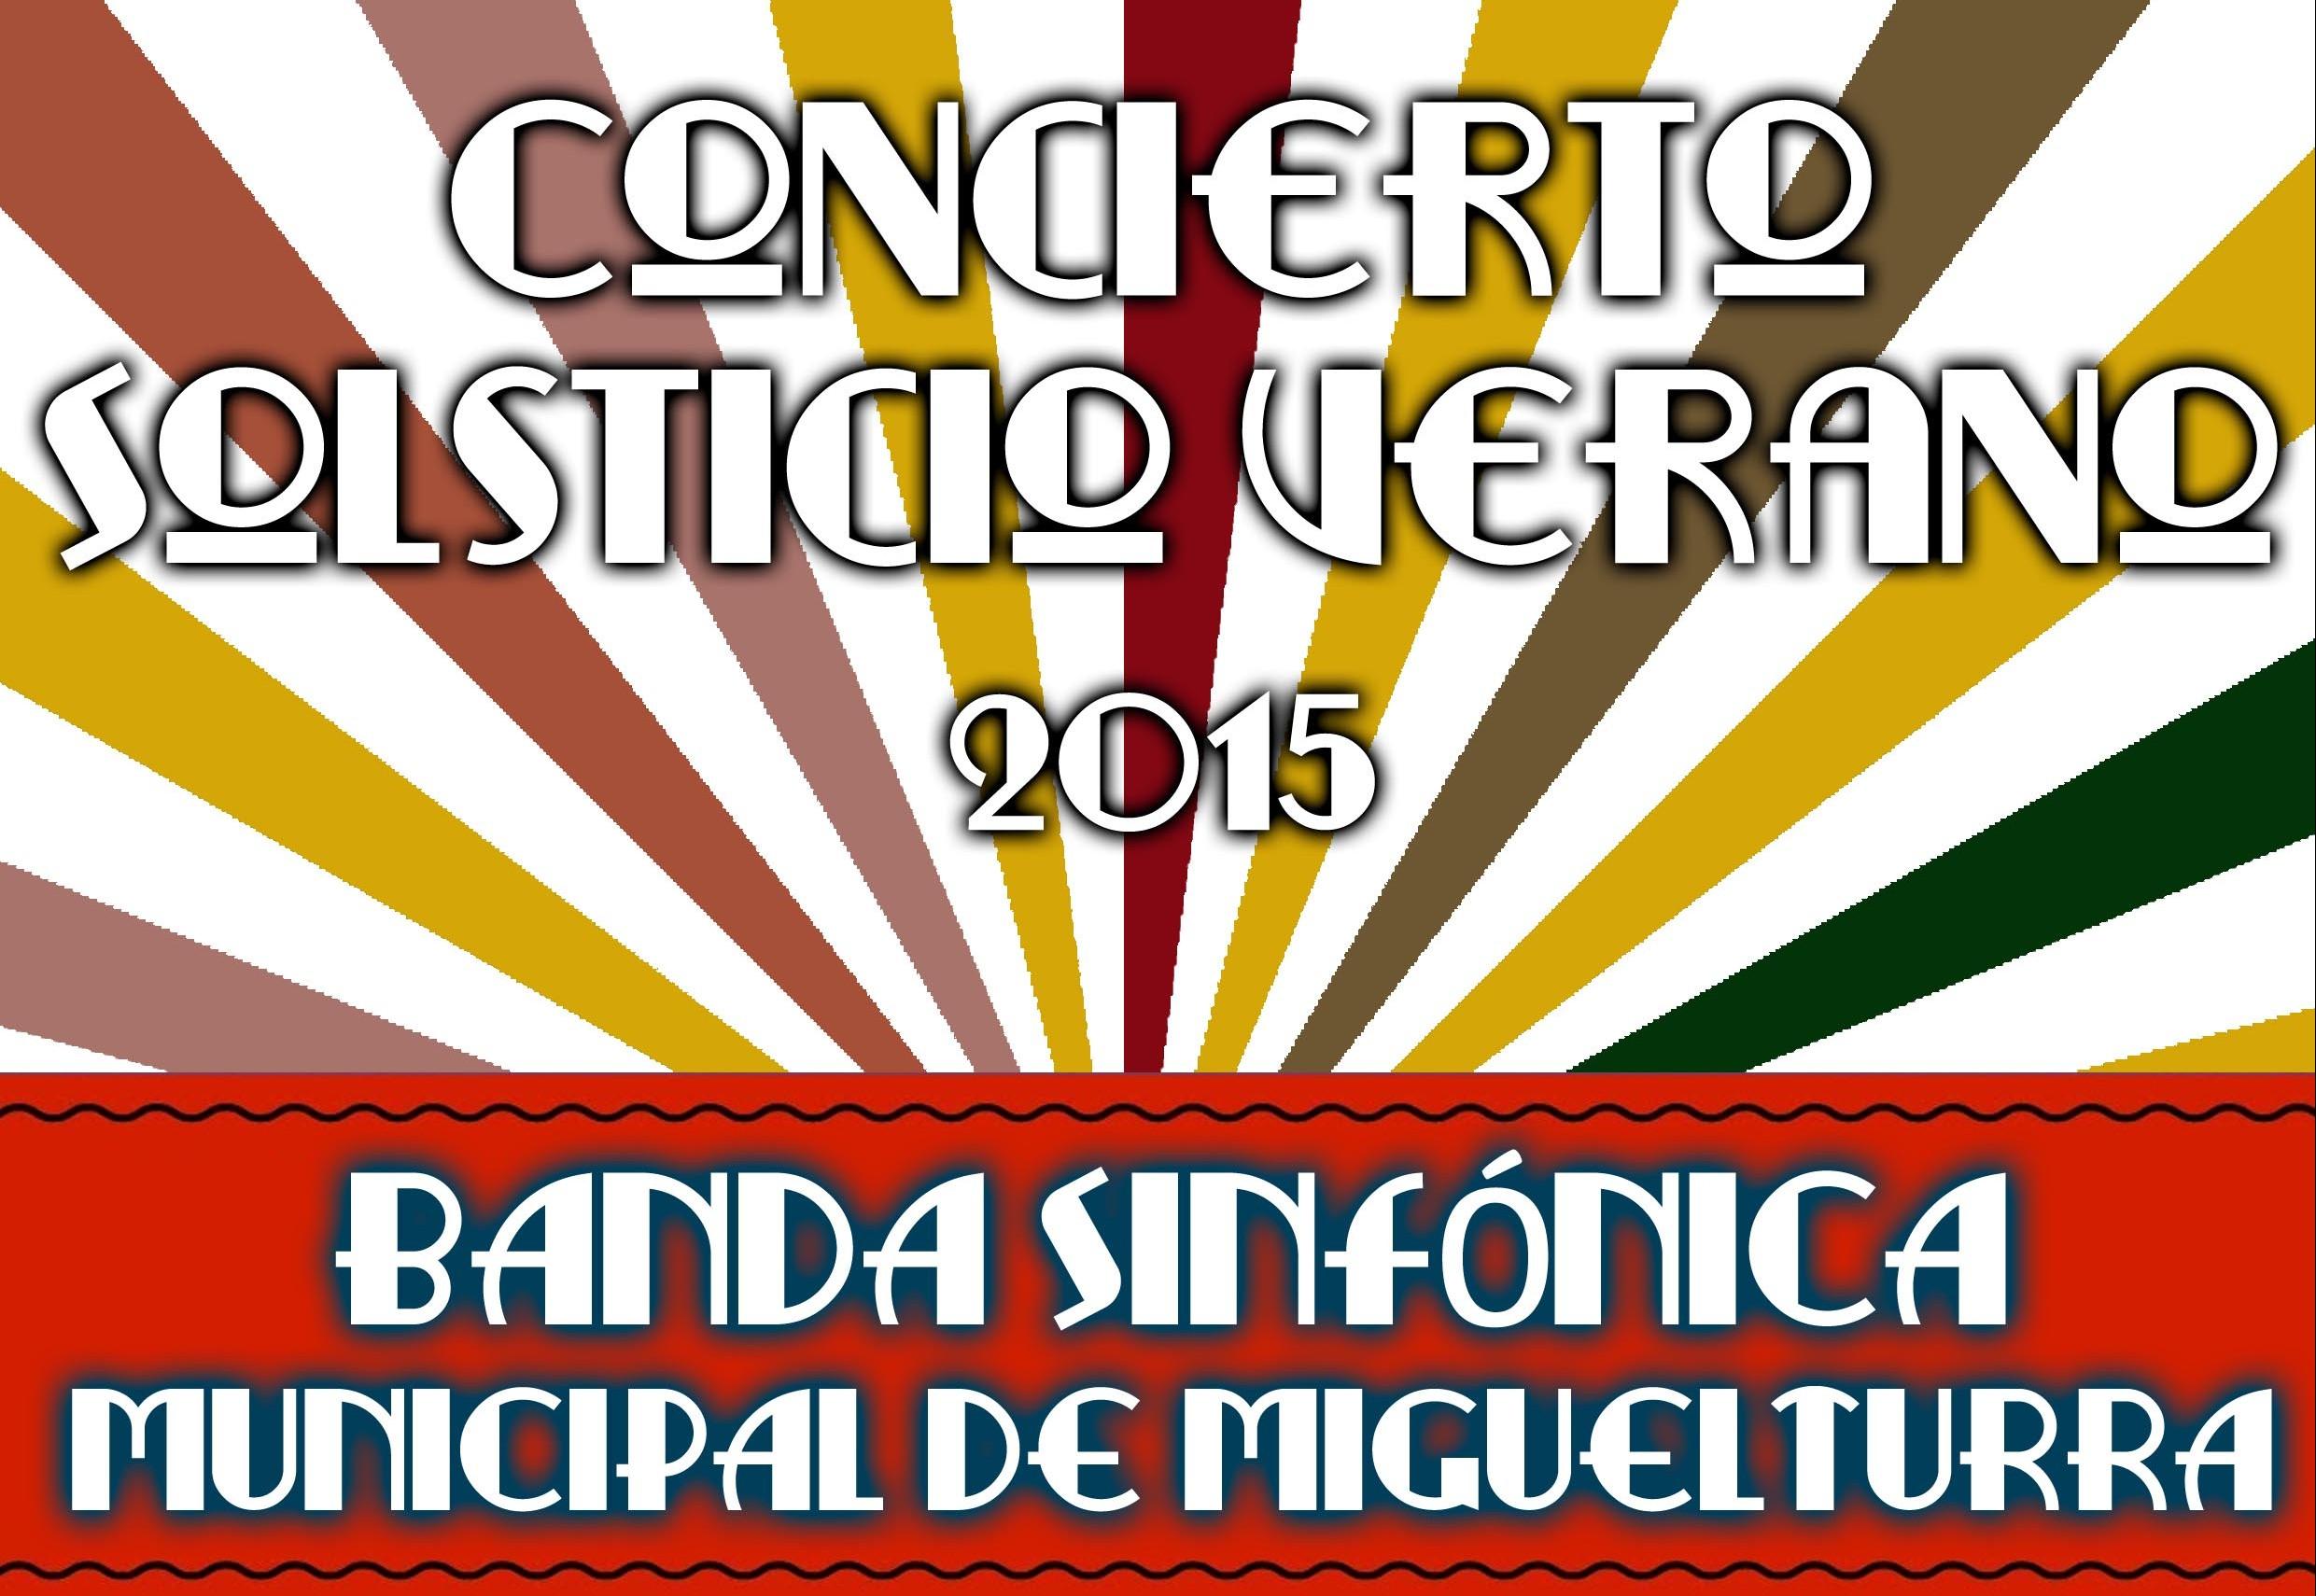 El Concierto del Solsticio de Verano hará sonar las campanas de la Parroquia de Nuestra Señora de la Asunción